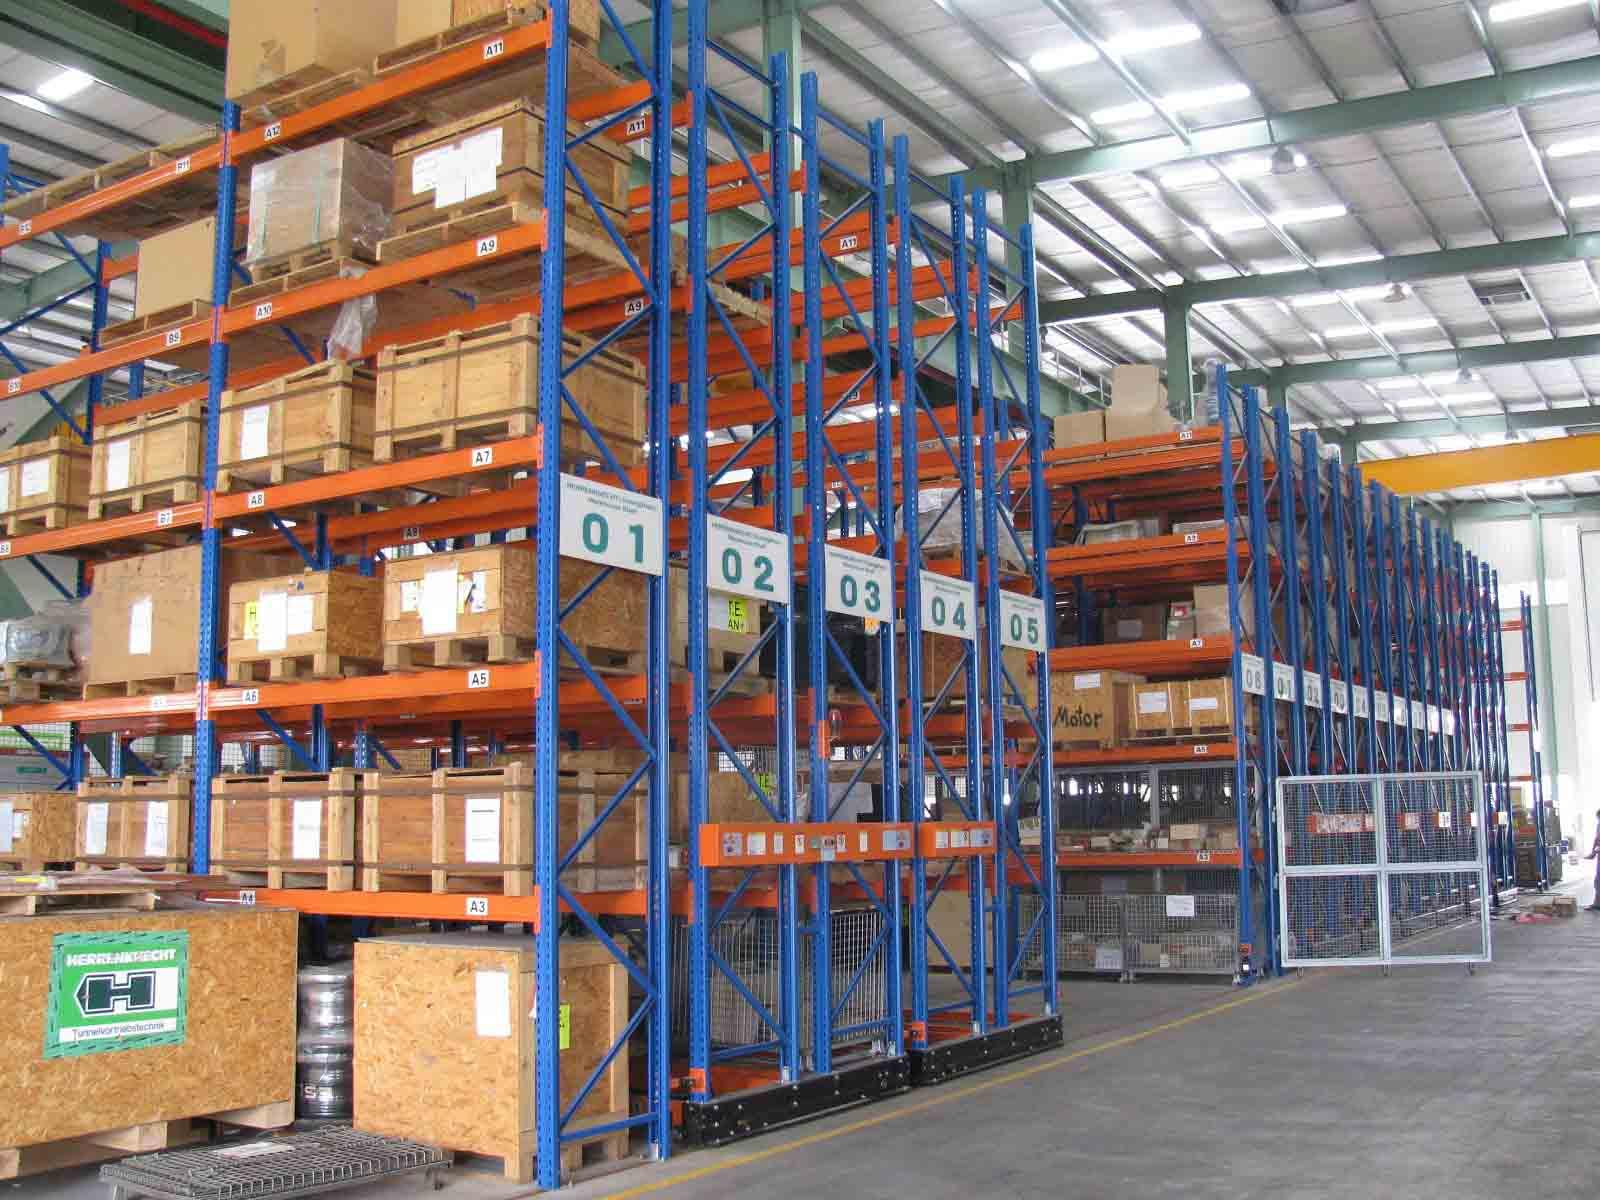 胶州货架|胶州仓储货架品牌都有哪些?